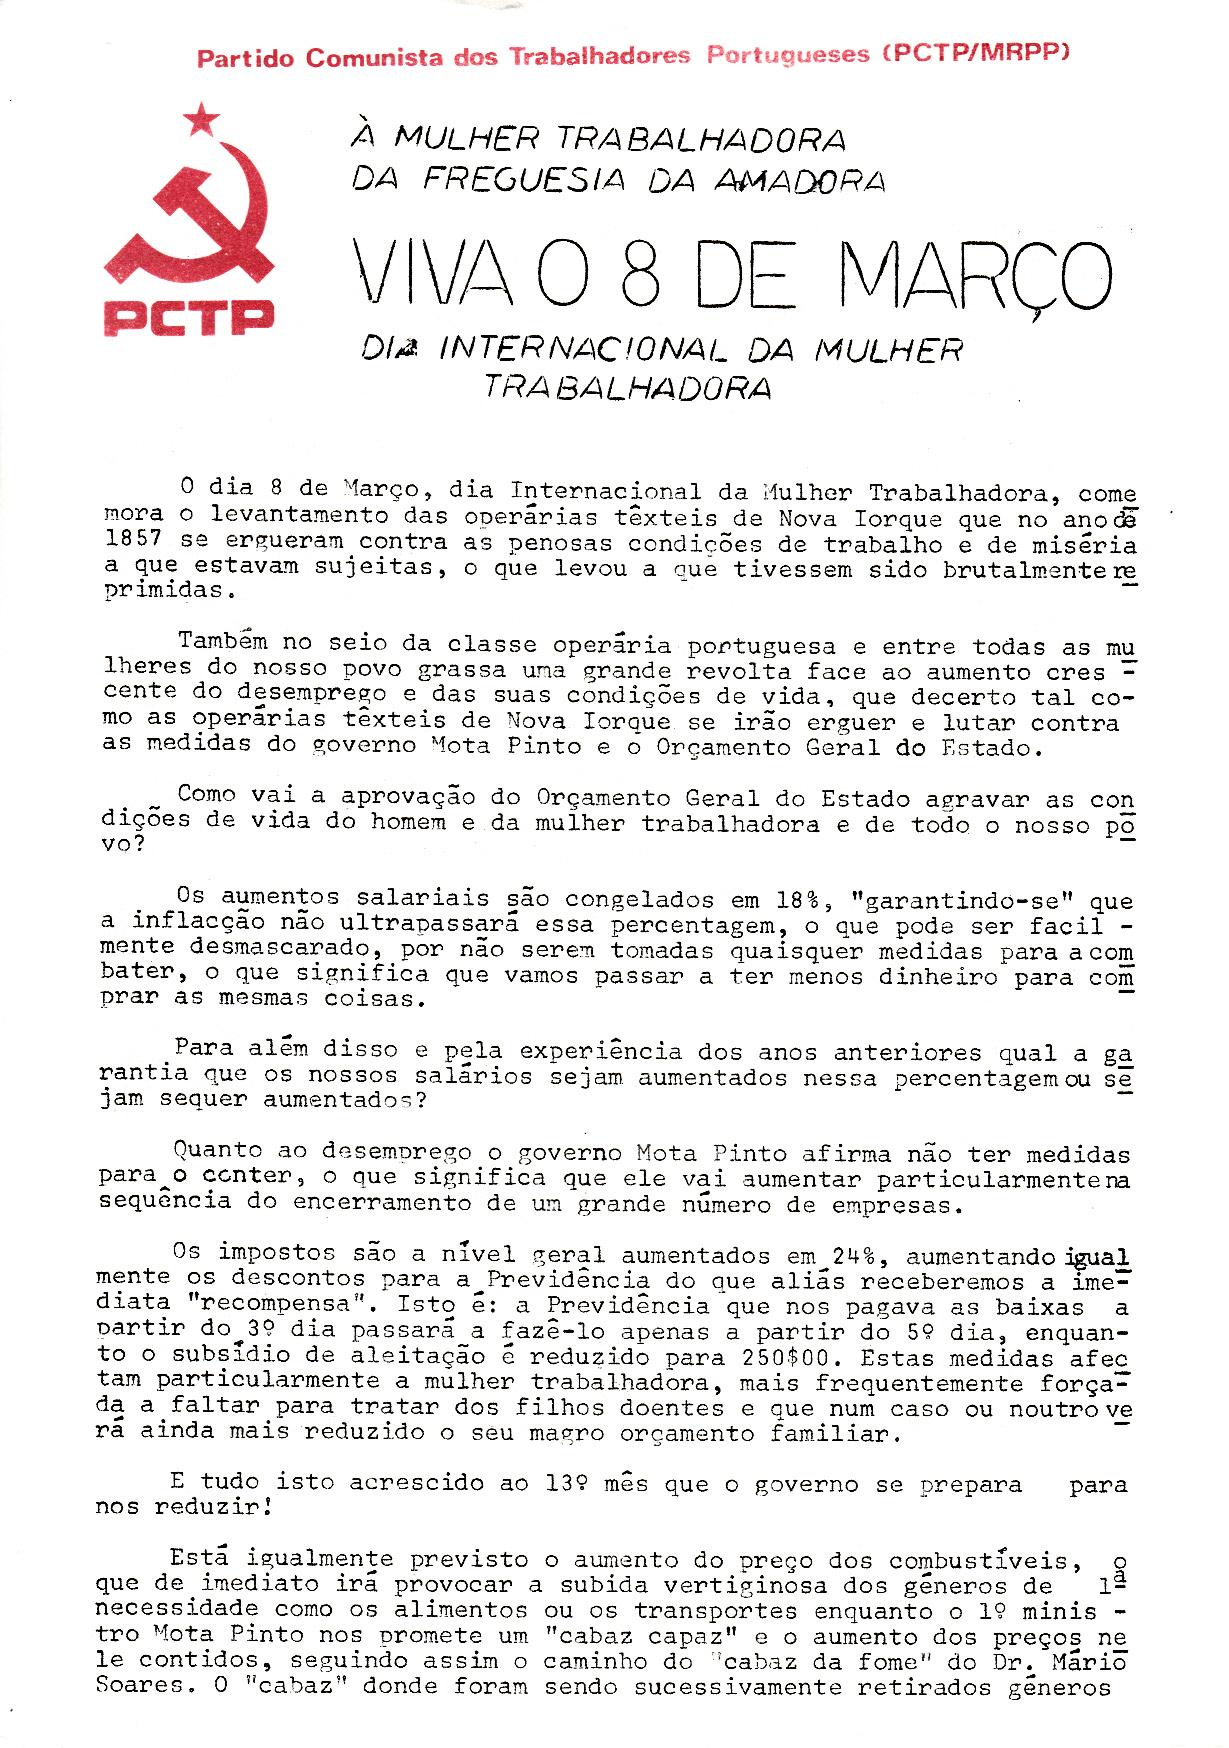 MRPP_1979_03_08_a_0001